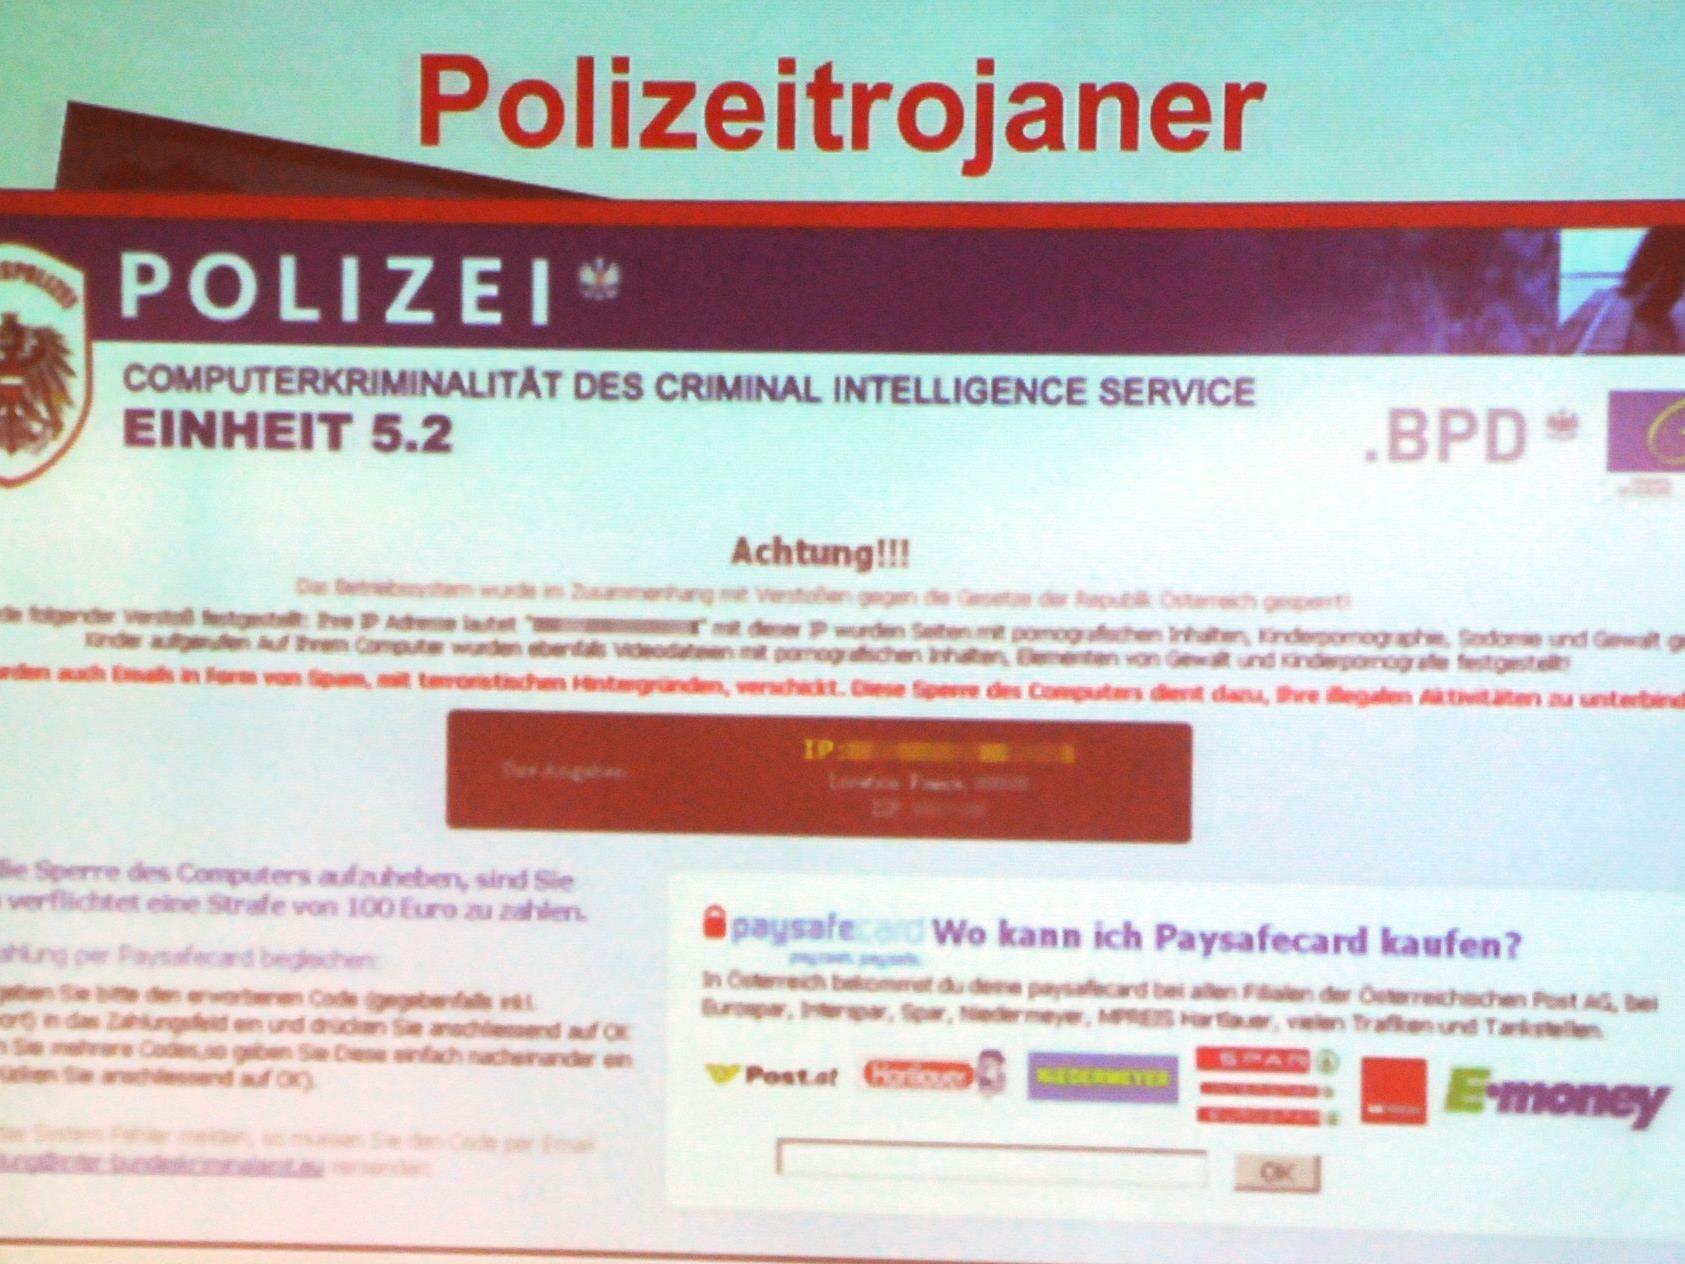 """Per E-Mail verschicken Betrüger schädliche Computerviren wie den """"Polizei-Trojaner""""."""